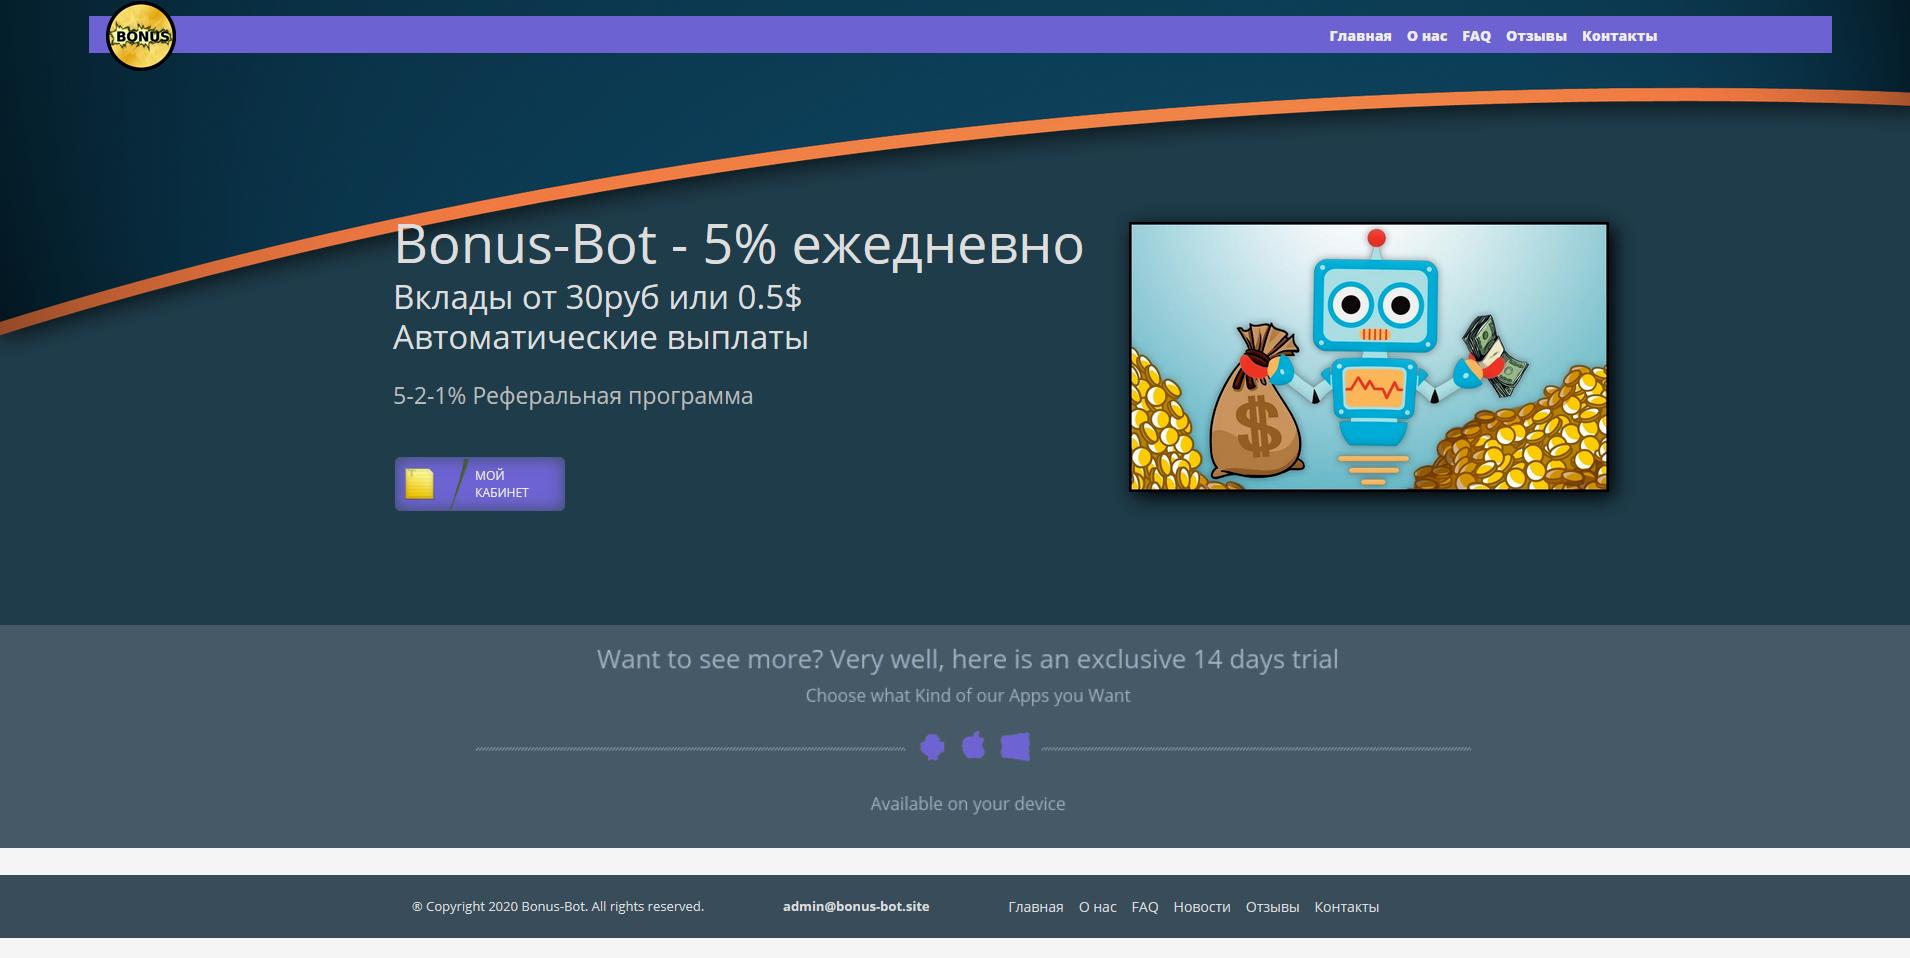 Bonus-Bot